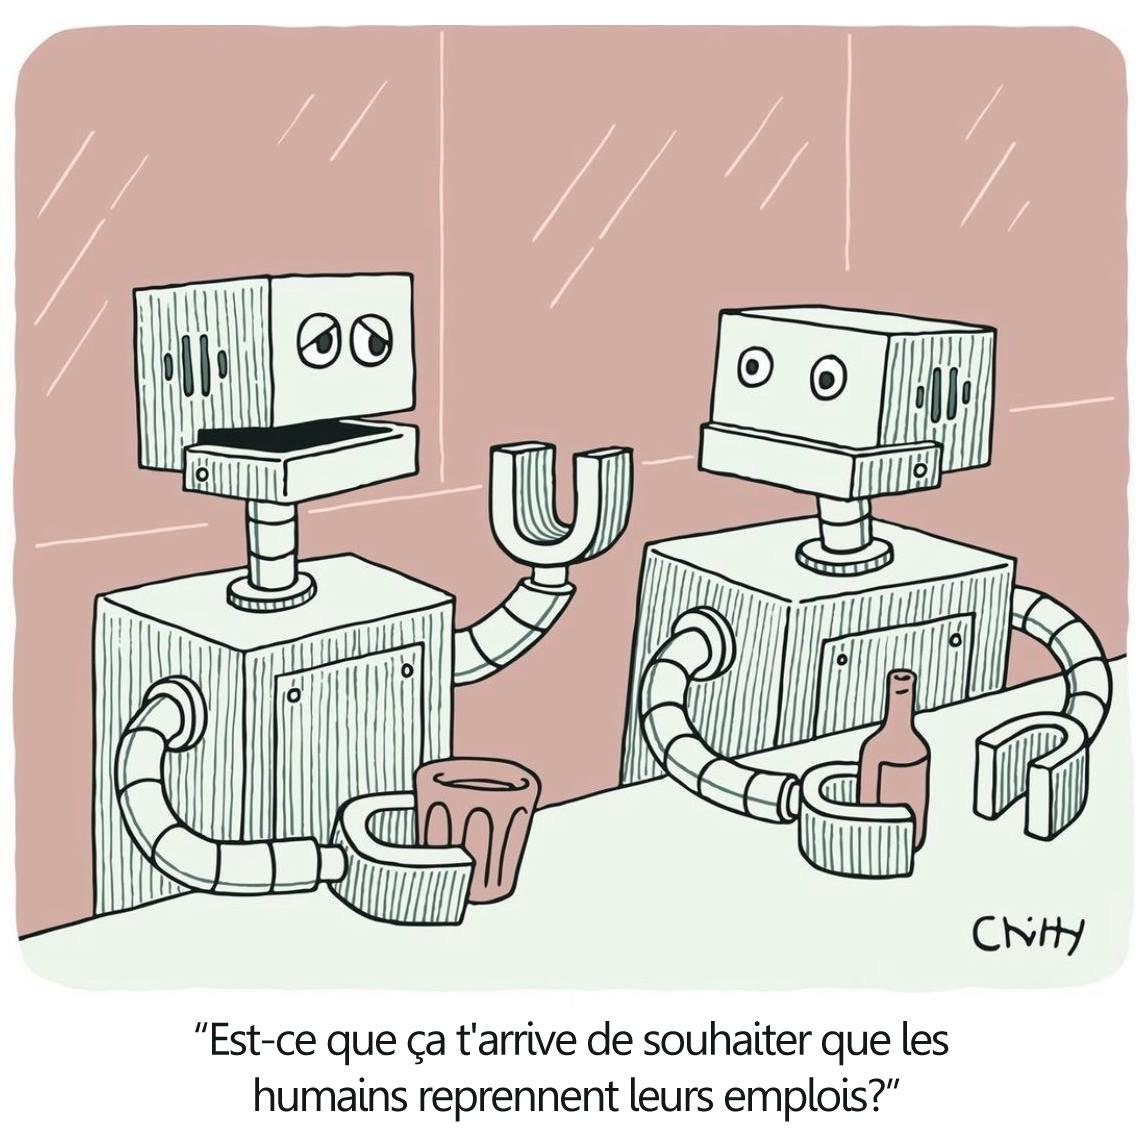 """Je soutiens évidemment votre position pro-RU car elle est rationnelle et qu'on n'aura pas le choix.  Mais l'humain ne sera pas simplement """"déplacé"""". Il est bien question de le REMPLACER par un robot autonome (cf AGI) plus efficace que lui.  #revenudebase #robots #ia #disruption"""